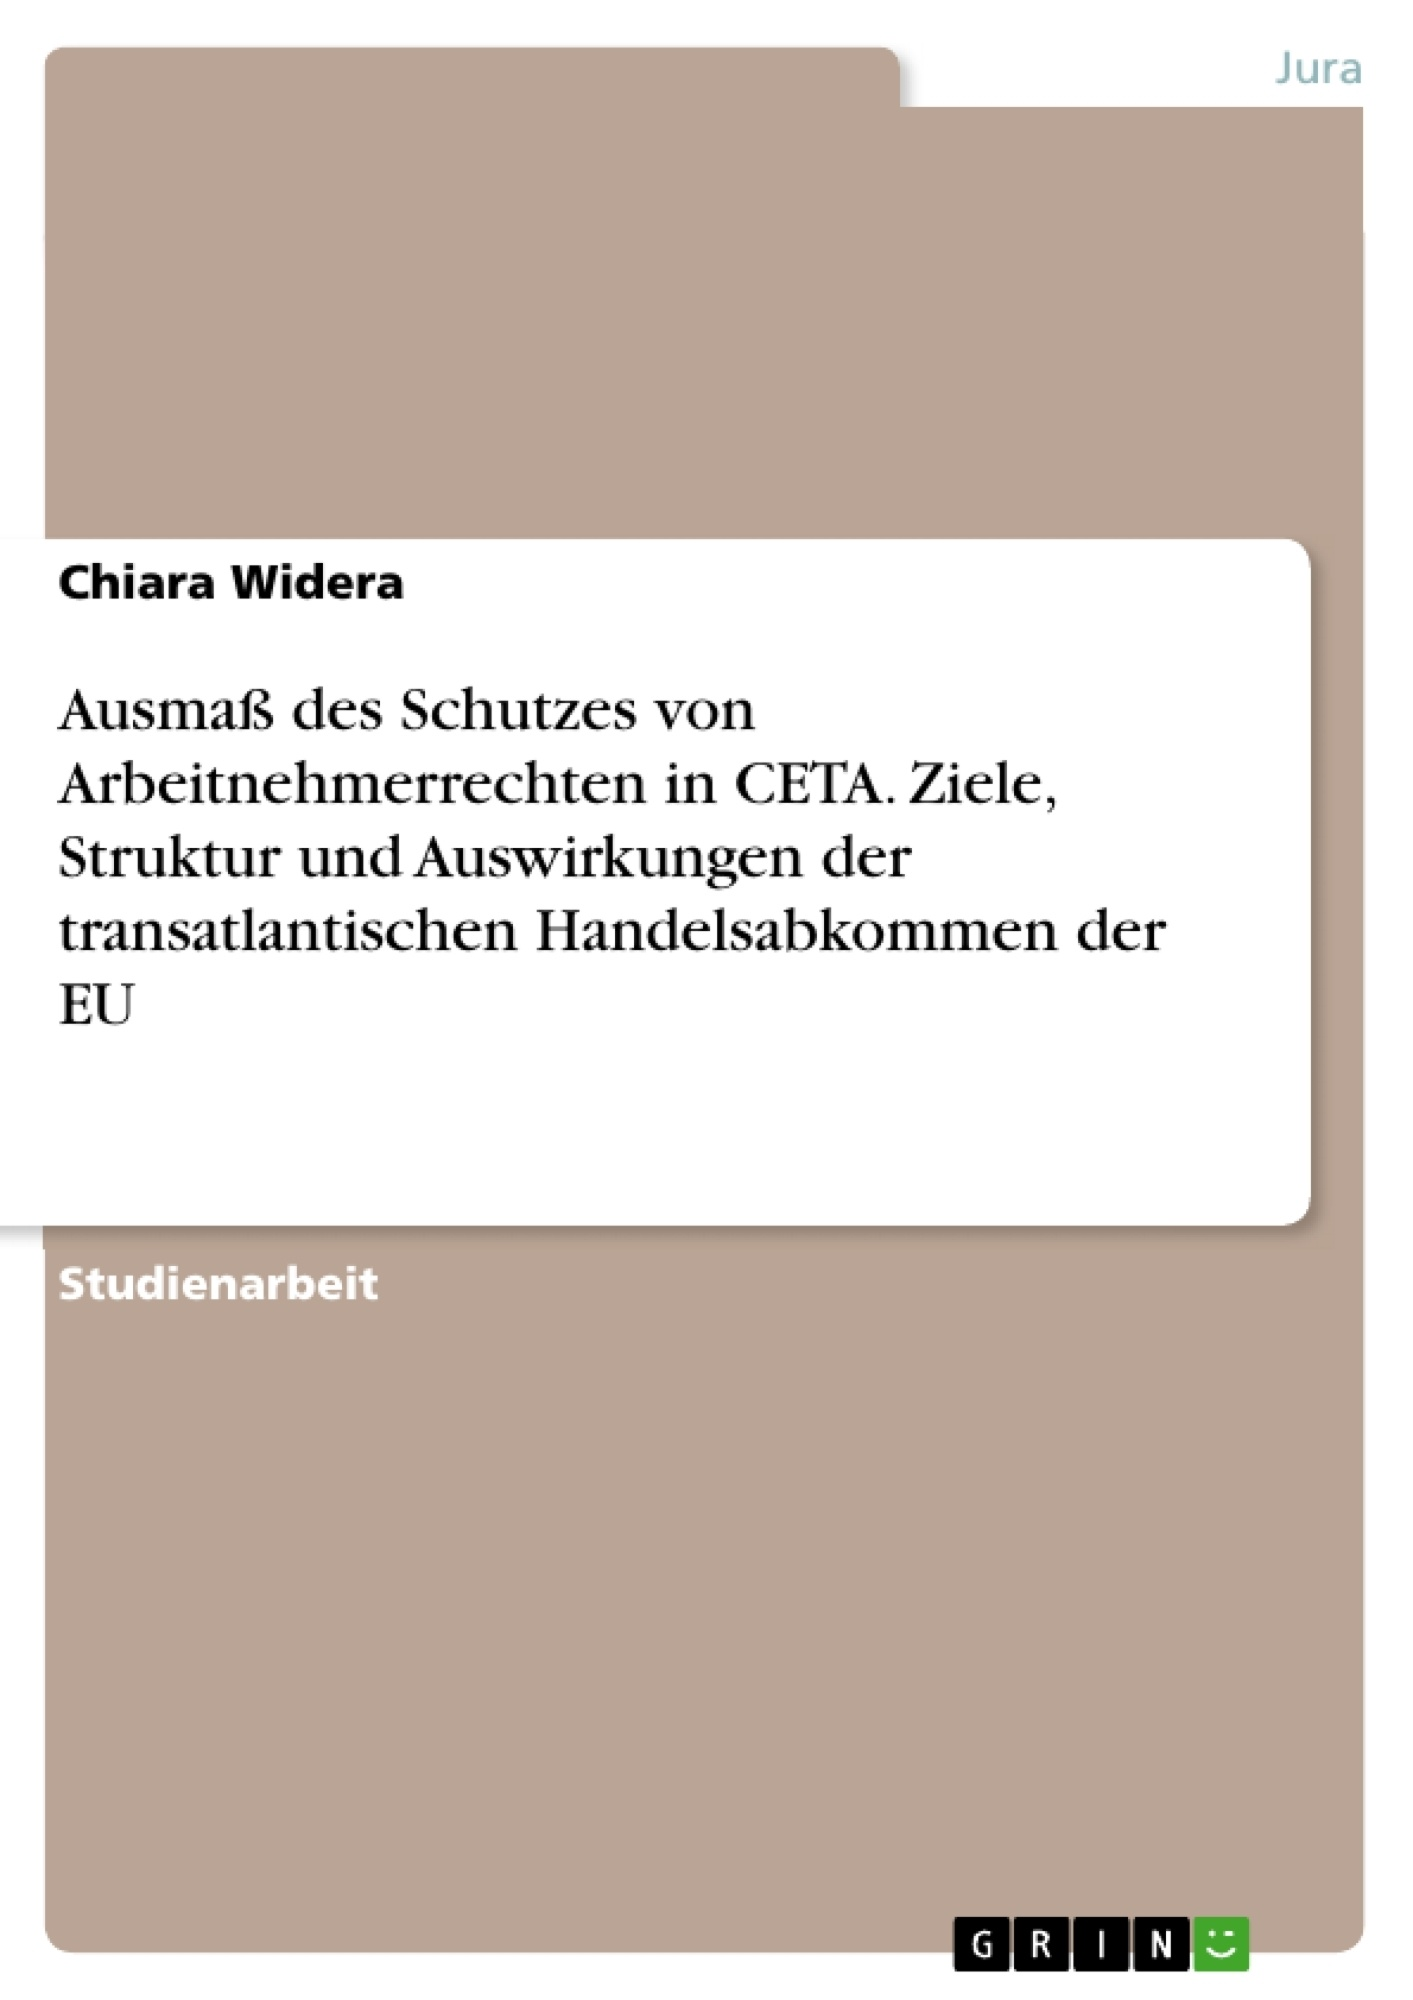 Titel: Ausmaß des Schutzes von Arbeitnehmerrechten in CETA. Ziele, Struktur und Auswirkungen der transatlantischen Handelsabkommen der EU